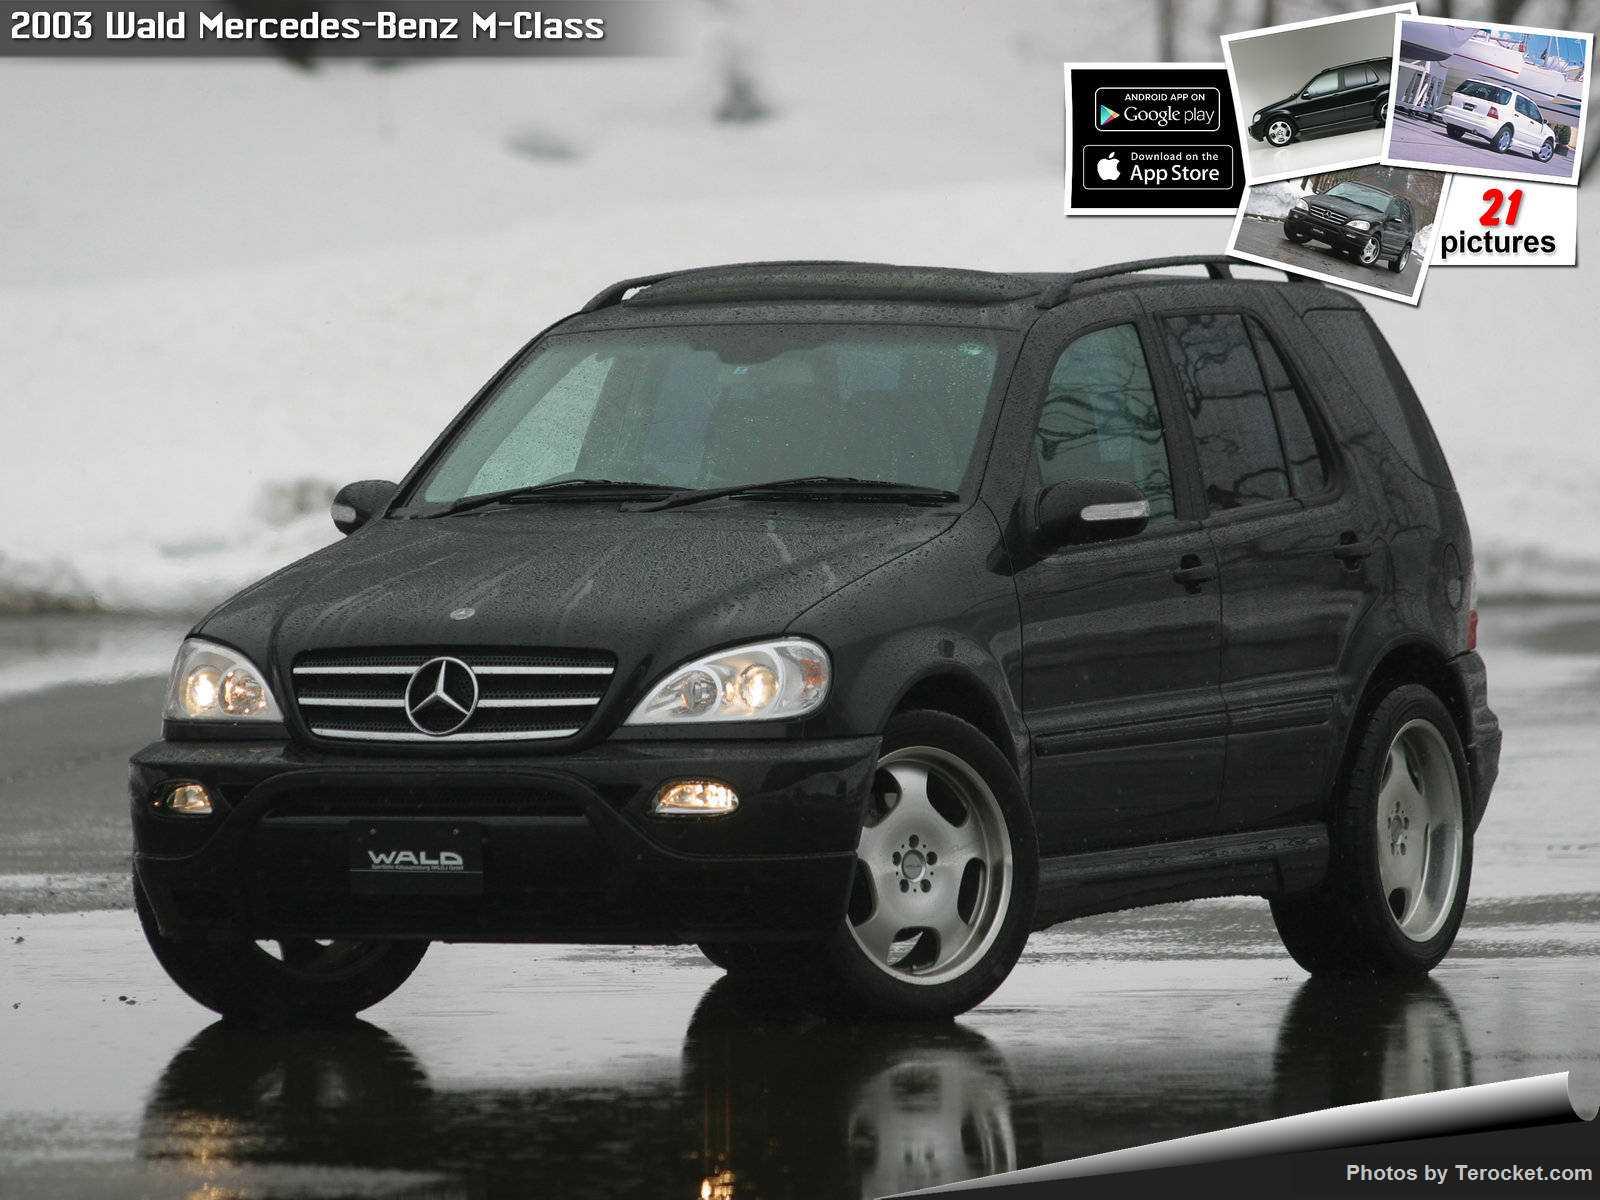 Hình ảnh xe độ Wald Mercedes-Benz M-Class 2003 & nội ngoại thất